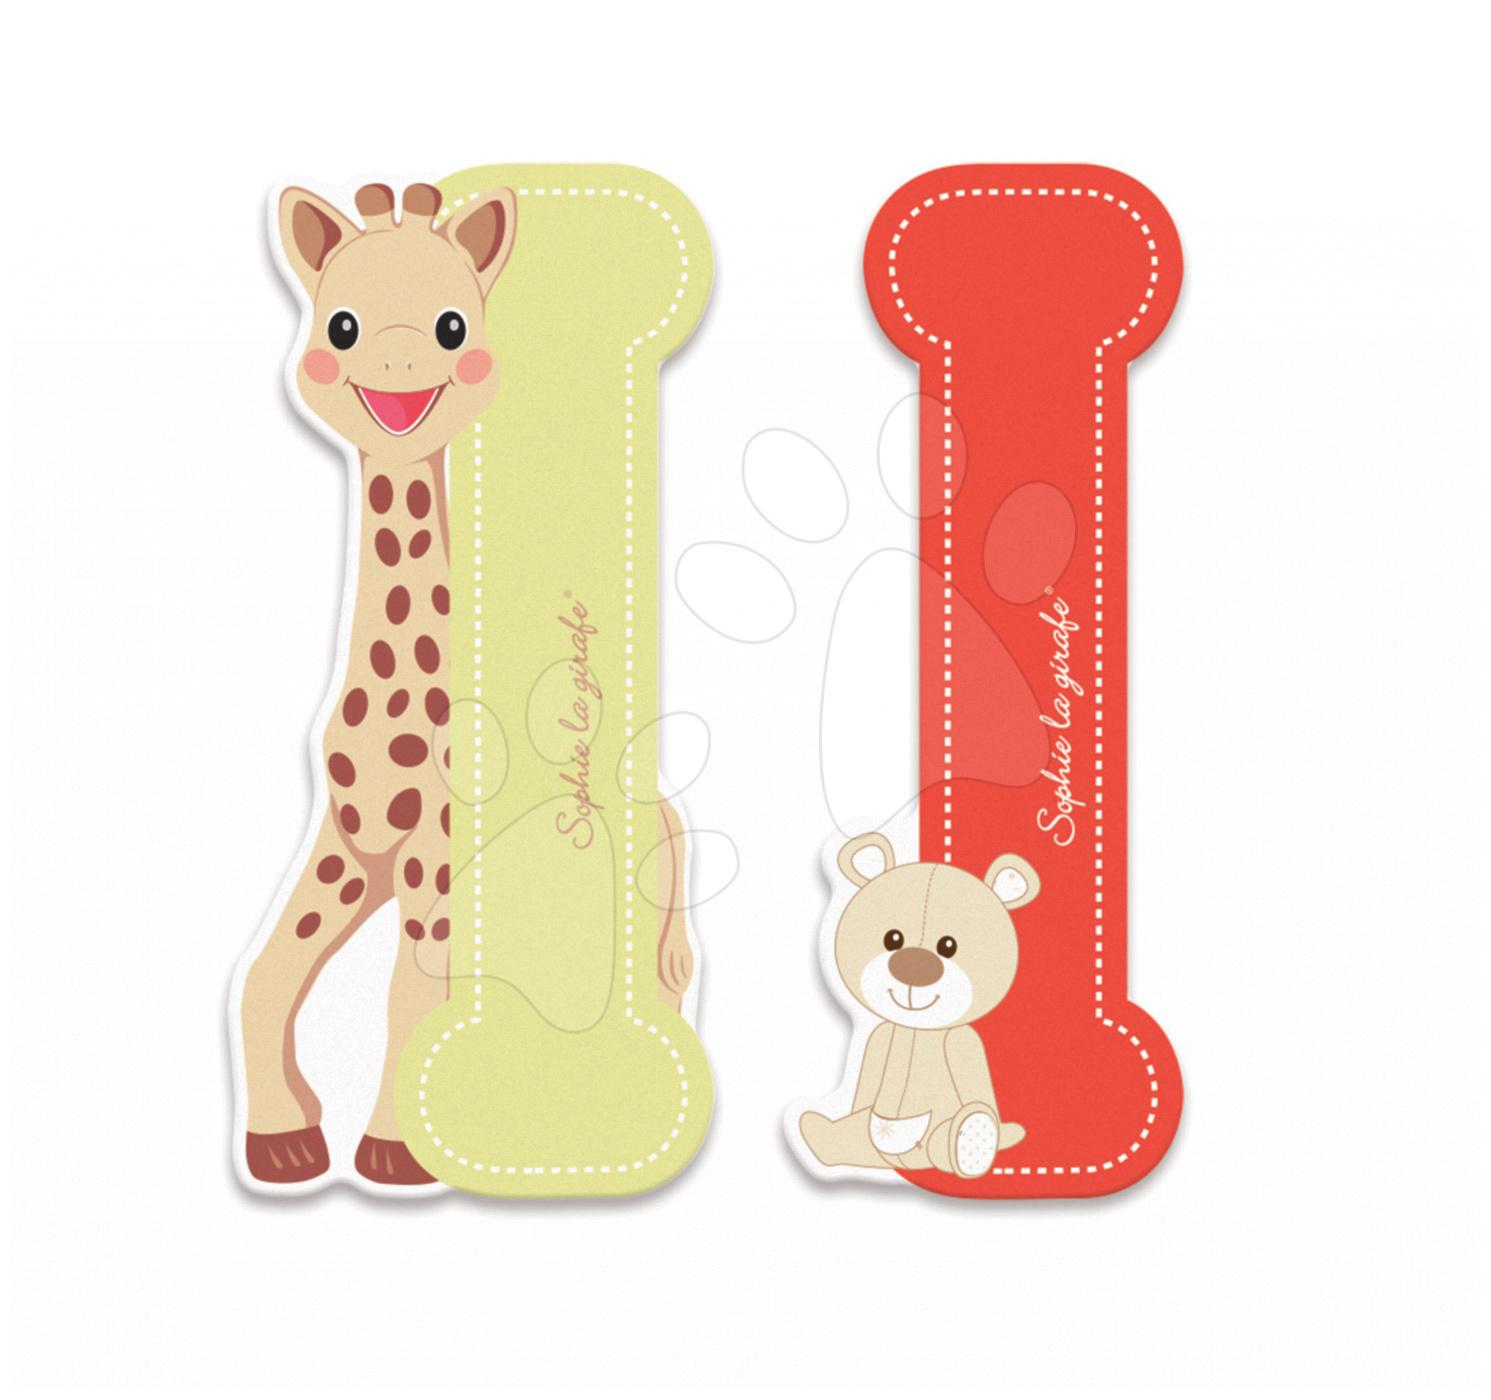 Dřevěné písmeno I Sophie The Giraffe Janod lepící 7 cm béžové/červené od 3 let